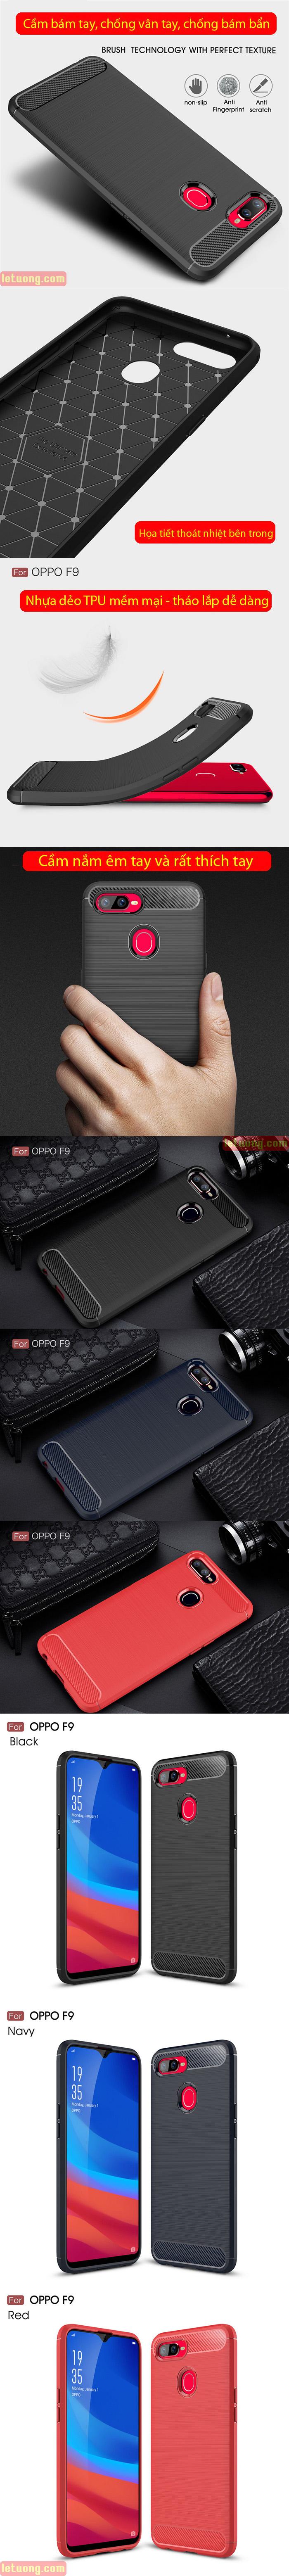 Ốp lưng Oppo F9 Viseaon Carbon Fiber nhựa mềm - chống vân tay 7